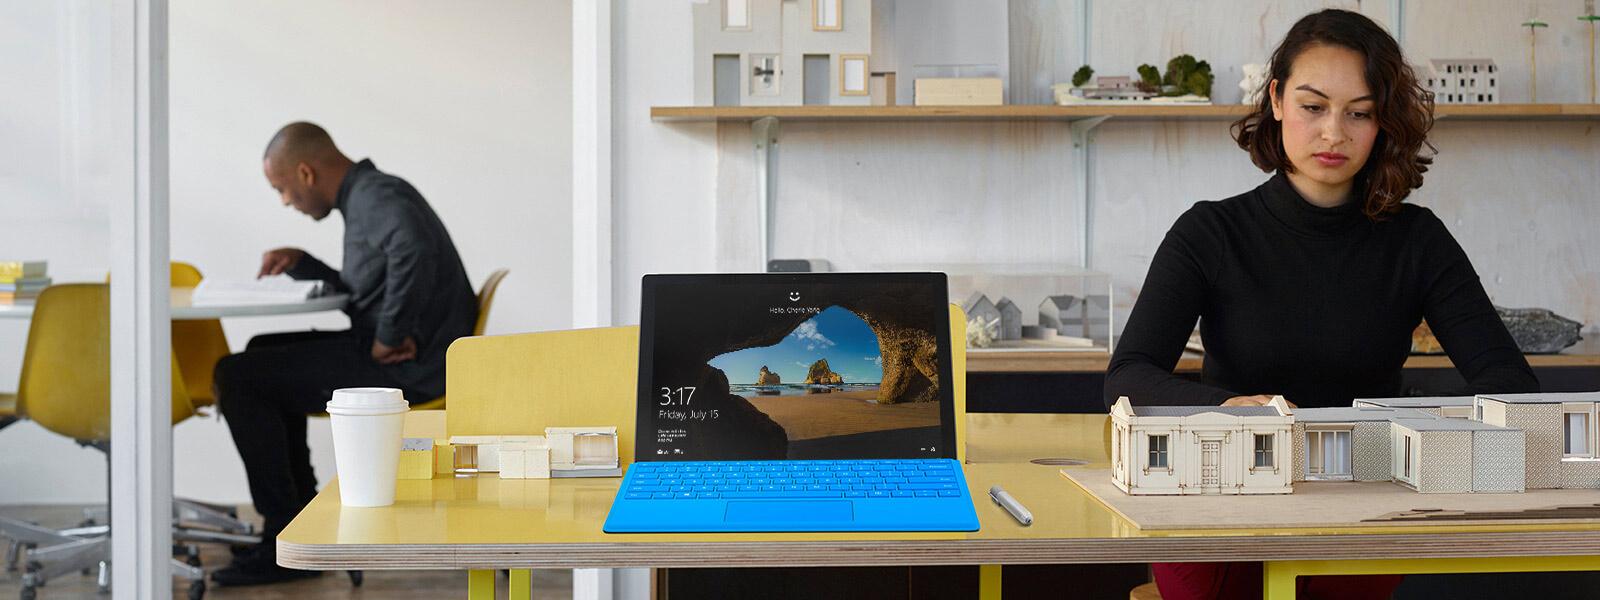 タイプ カバーを装着した状態の Surface Pro 4 とタブレット モードの状態でテーブル上に置いてある Surface Pro 4 を上からみた図。